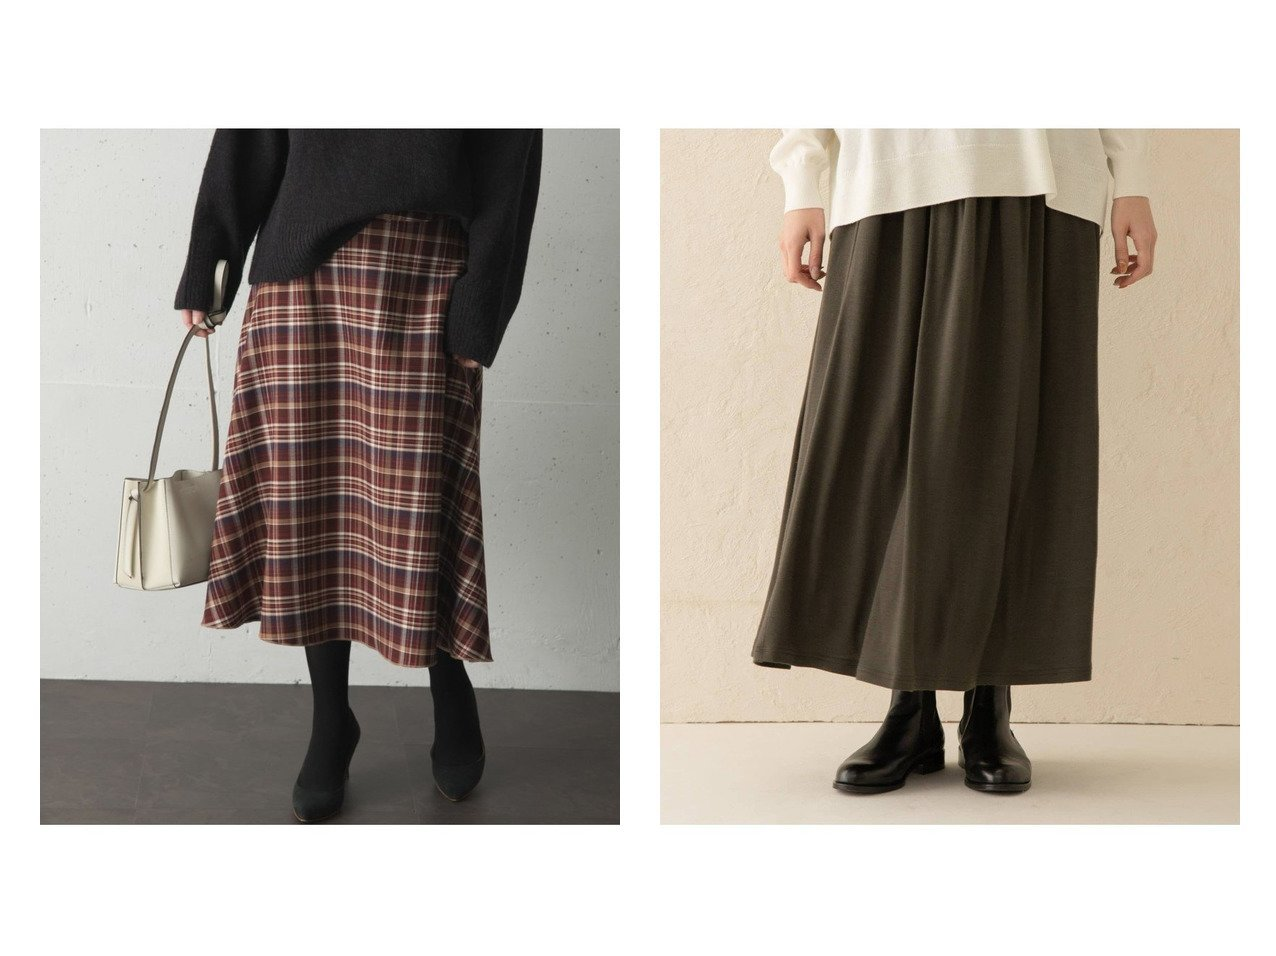 【kagure/かぐれ】のウールカットギャザースカート&【URBAN RESEARCH ROSSO/アーバンリサーチ ロッソ】のチェックミディフレアスカート スカートのおすすめ!人気、トレンド・レディースファッションの通販 おすすめで人気の流行・トレンド、ファッションの通販商品 メンズファッション・キッズファッション・インテリア・家具・レディースファッション・服の通販 founy(ファニー) https://founy.com/ ファッション Fashion レディースファッション WOMEN スカート Skirt Aライン/フレアスカート Flared A-Line Skirts ポケット |ID:crp329100000012895